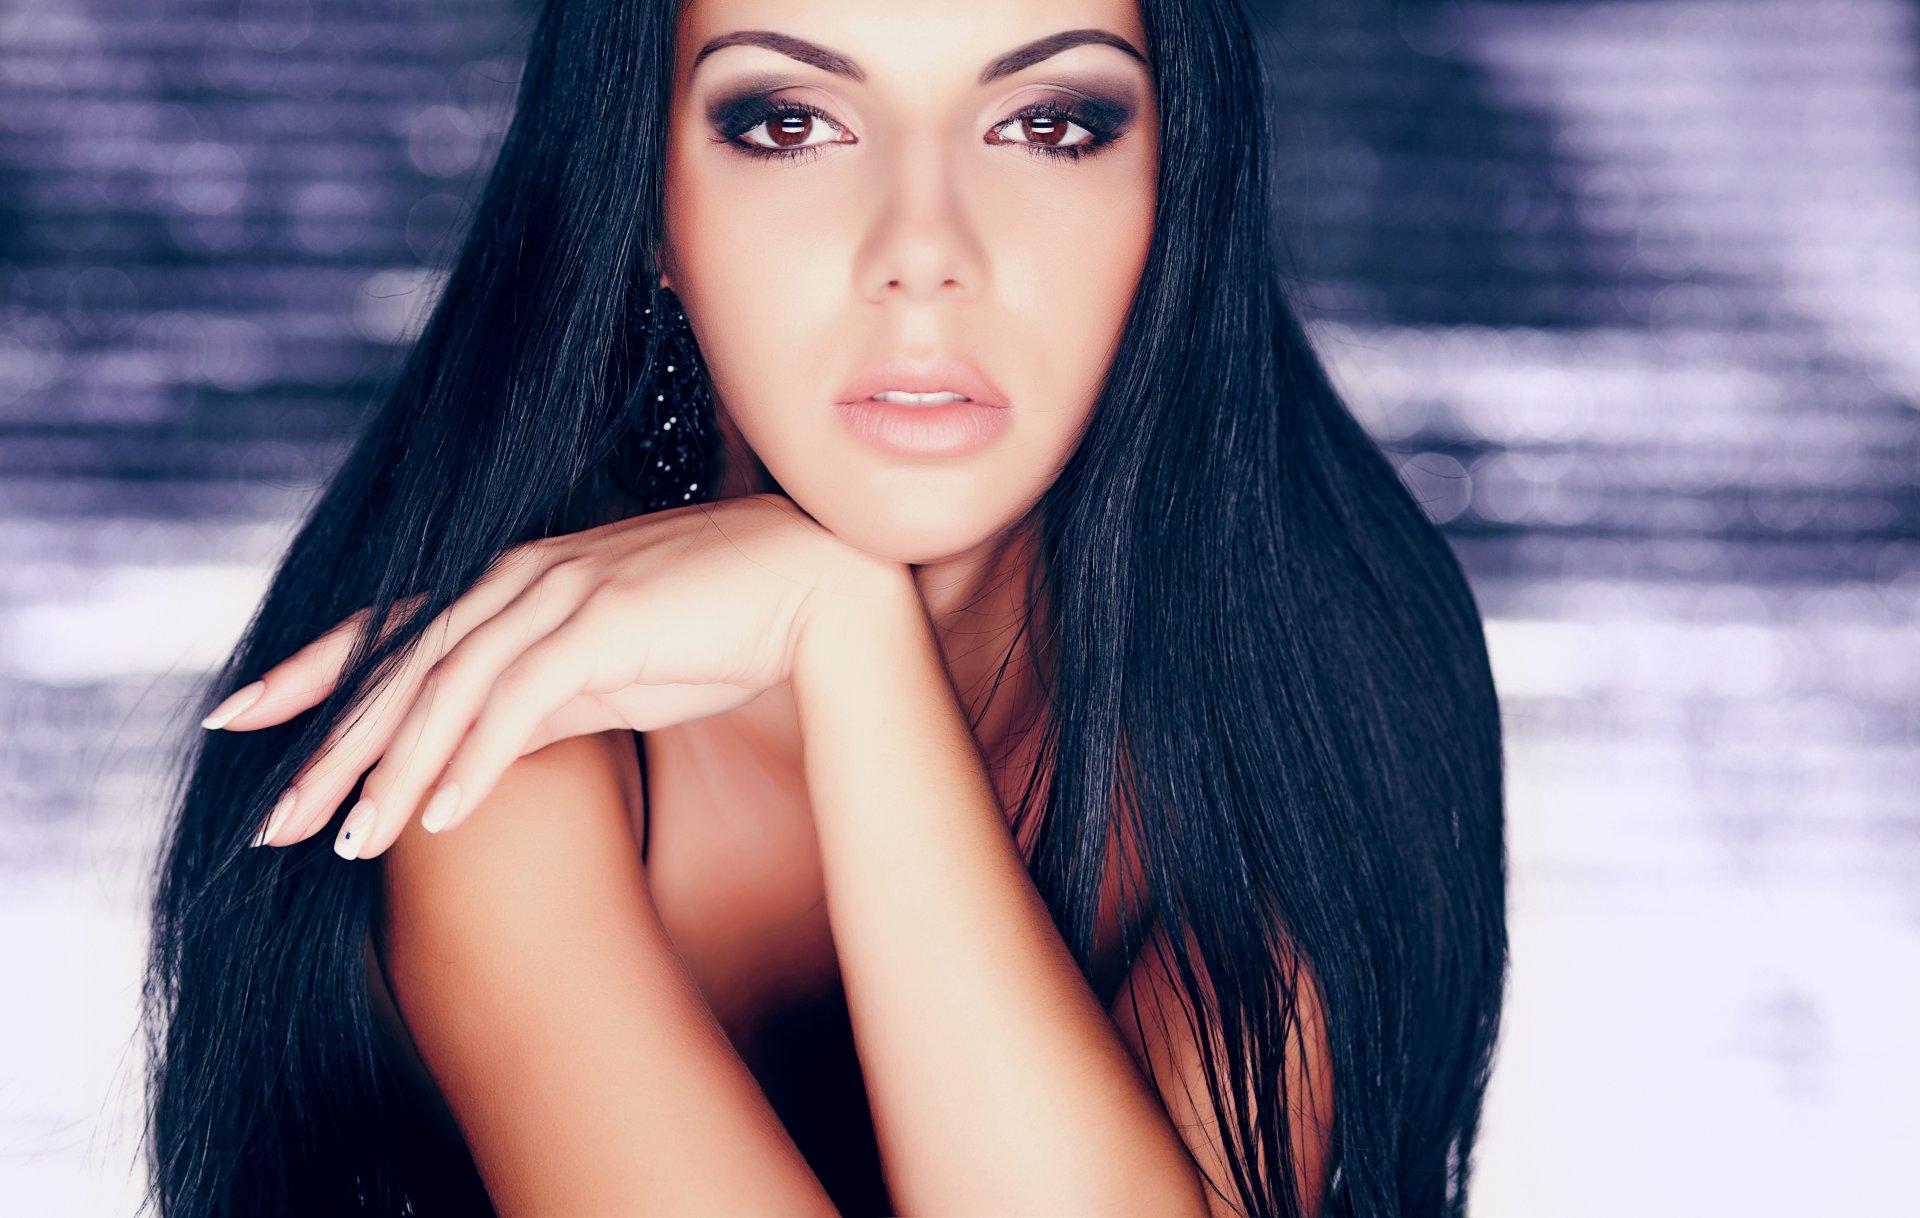 Фото красивой девушки брюнетки 10 фото, Длинноногие брюнетки (66 фото) 21 фотография